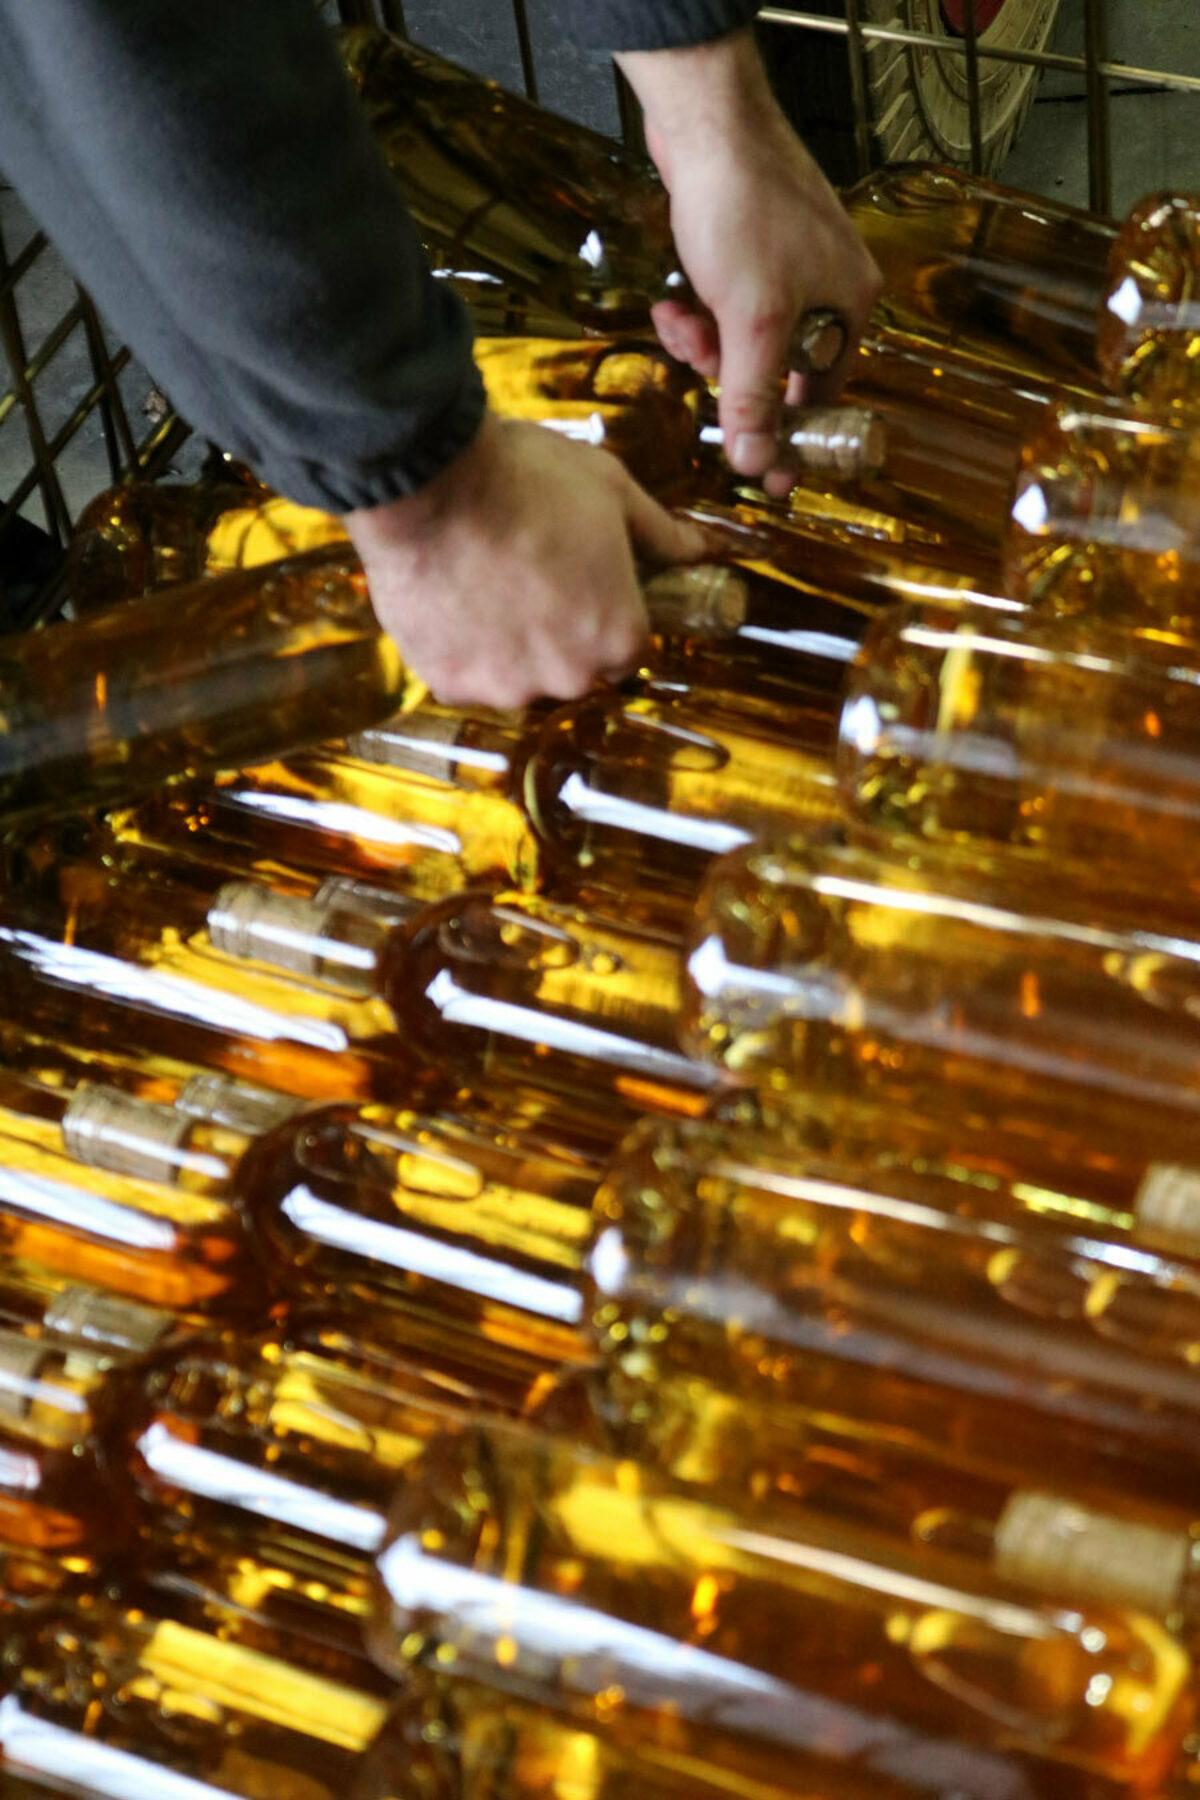 Remplacement De Bouchon Des Millesimes Recents Recork Reconditionnement Vin Blanc G